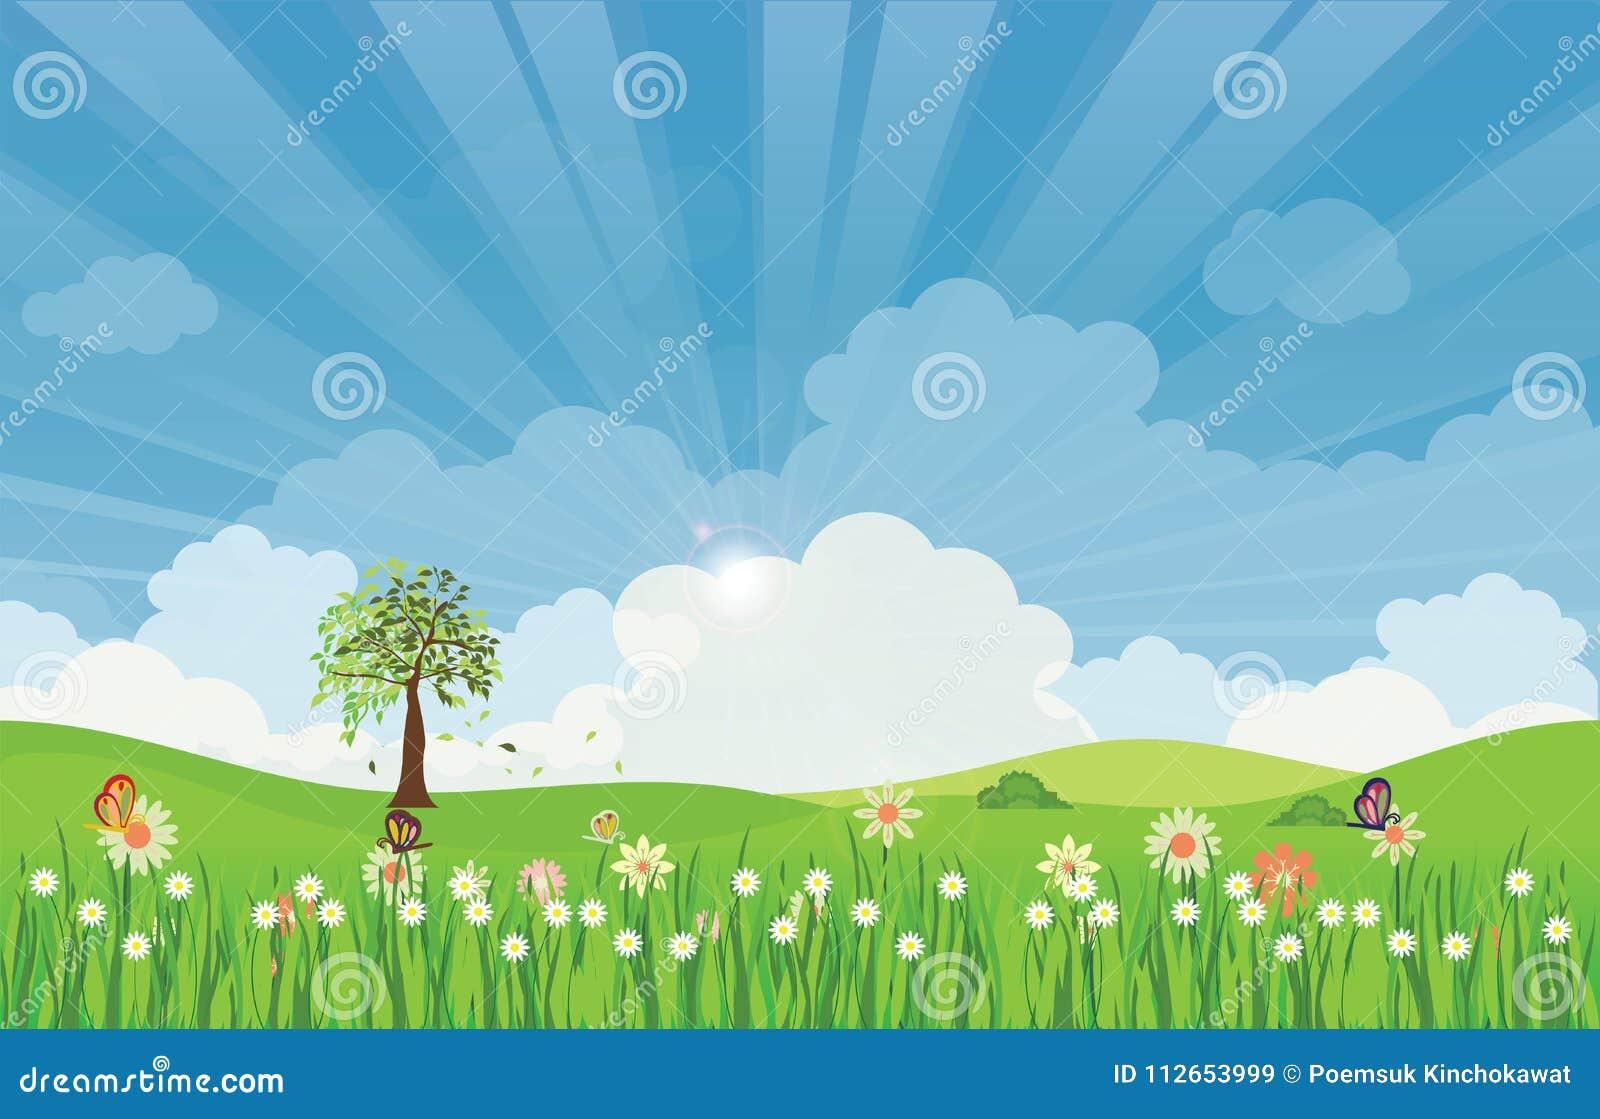 Wiosny lata łąki krajobraz z słońce kwiatami i promieniami